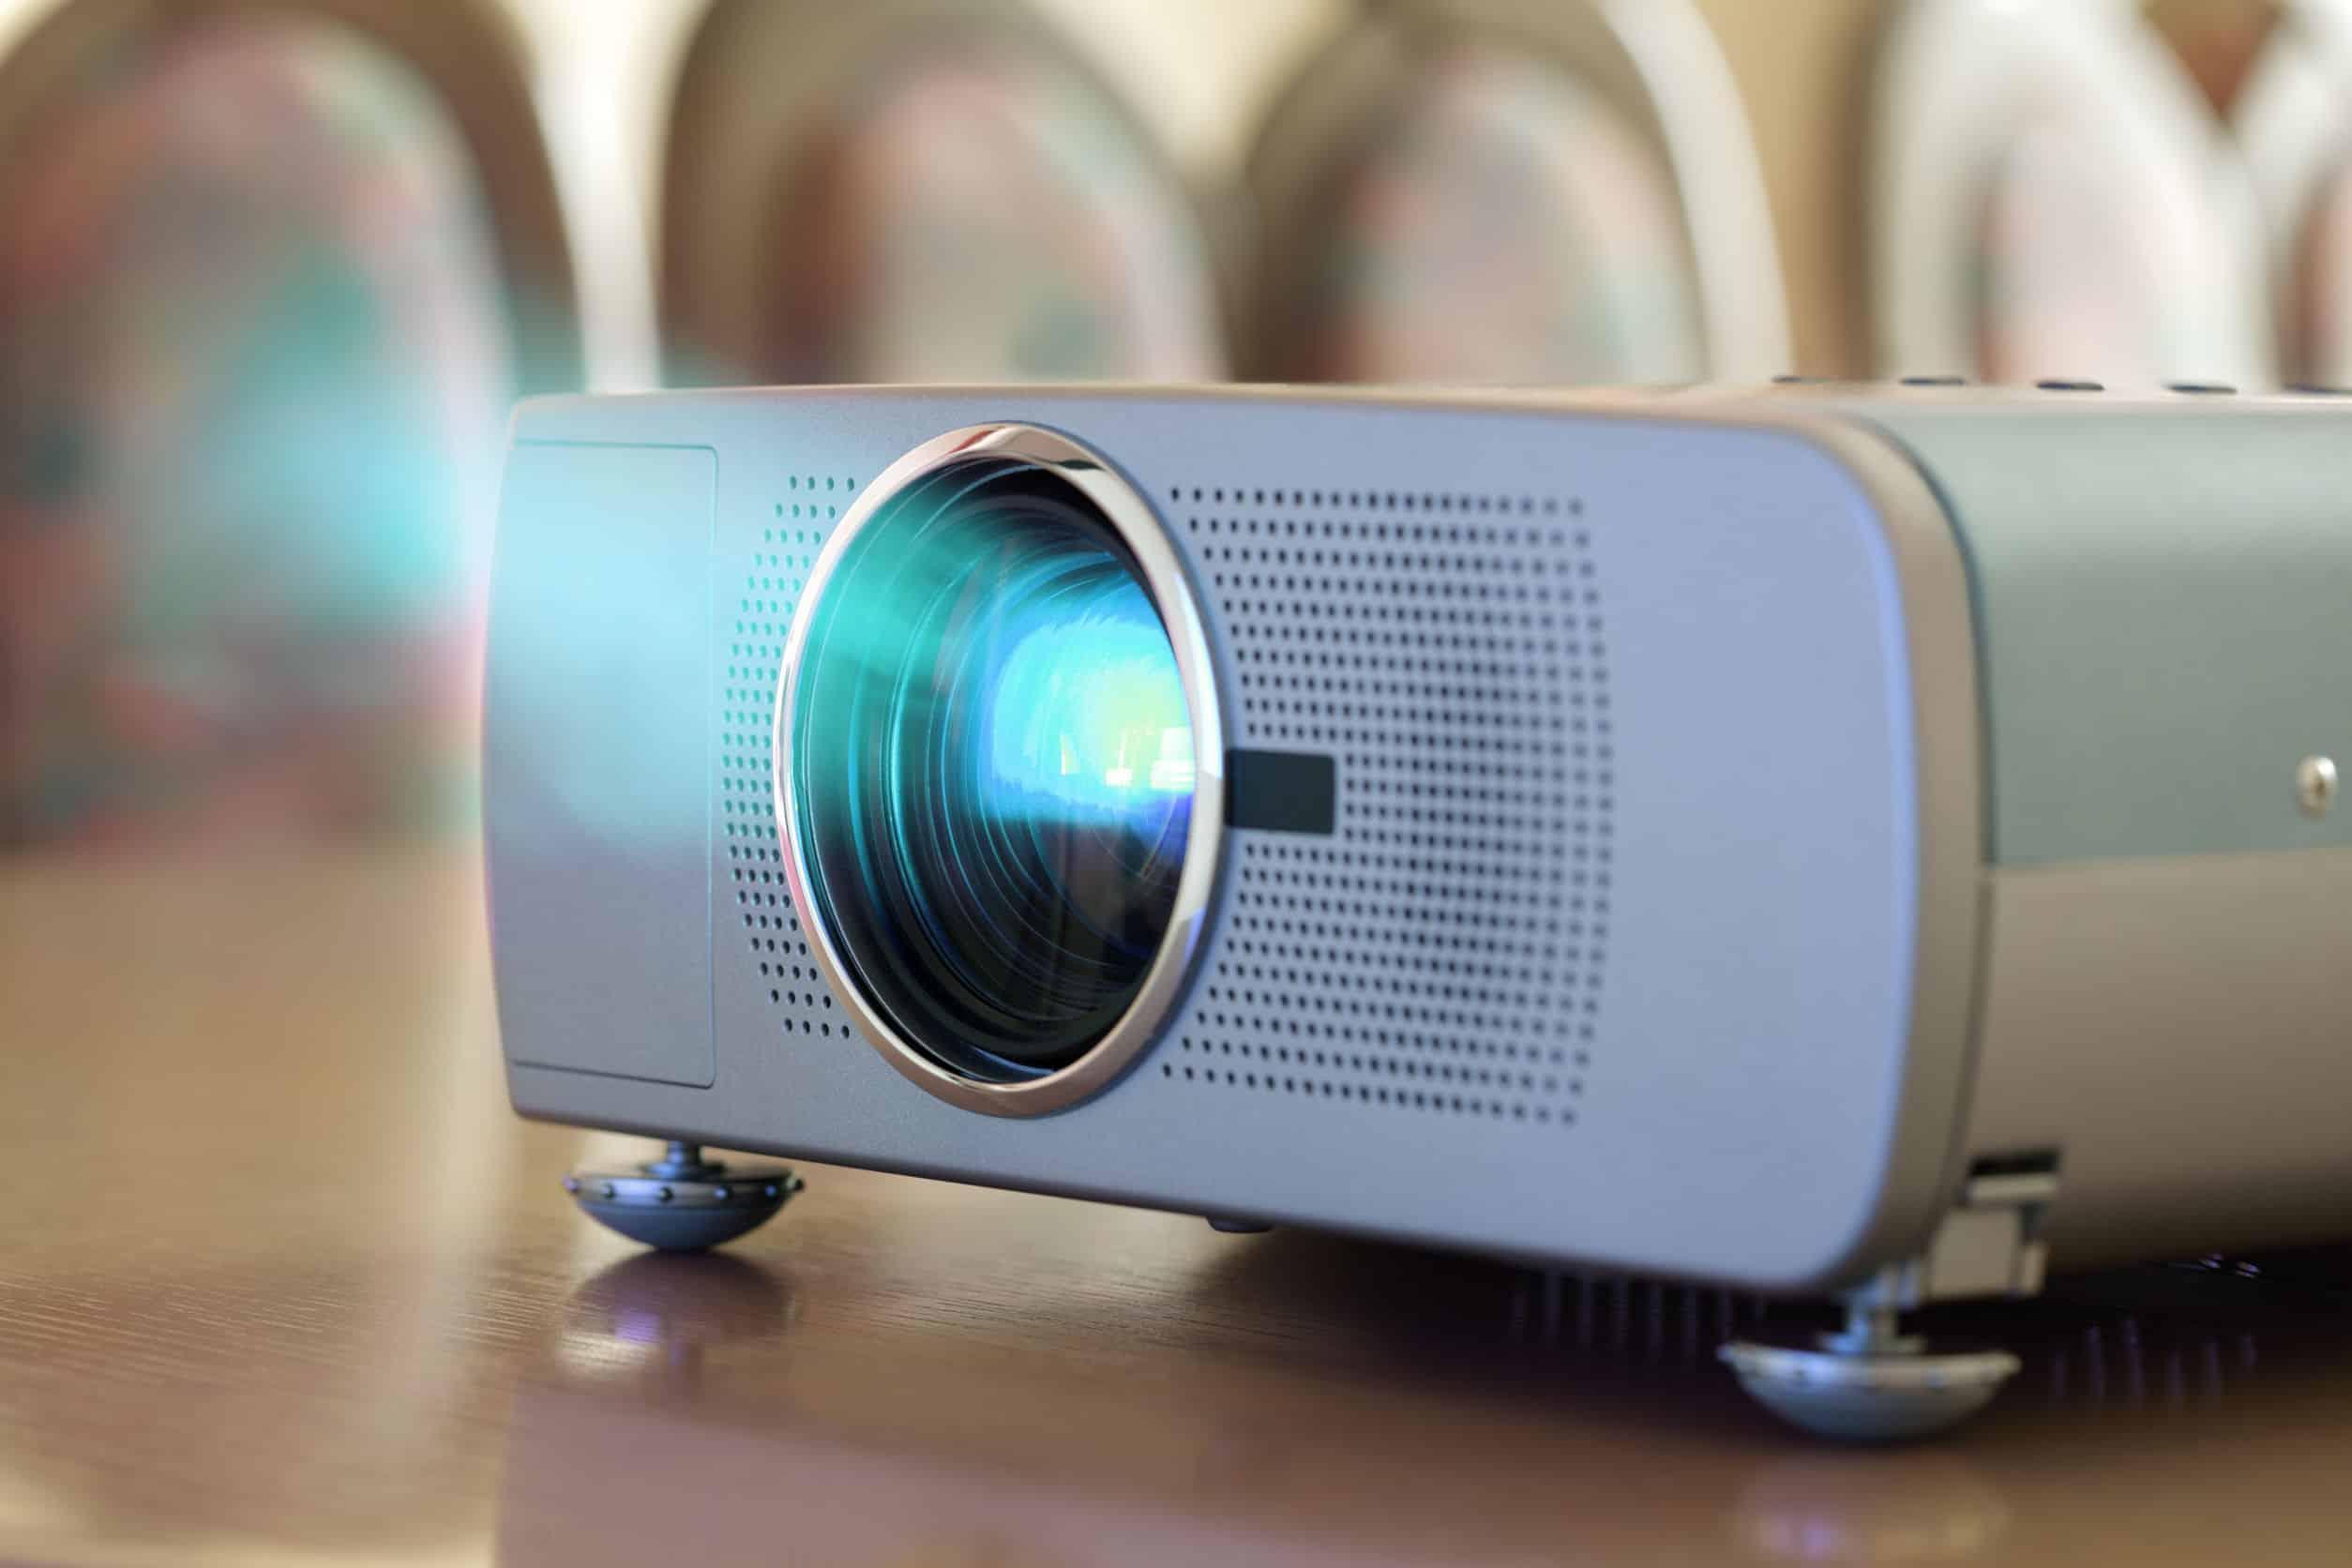 Как выбрать проектор для дома, чтобы подключить к компьютеру, смартфону, DLNA или еще как